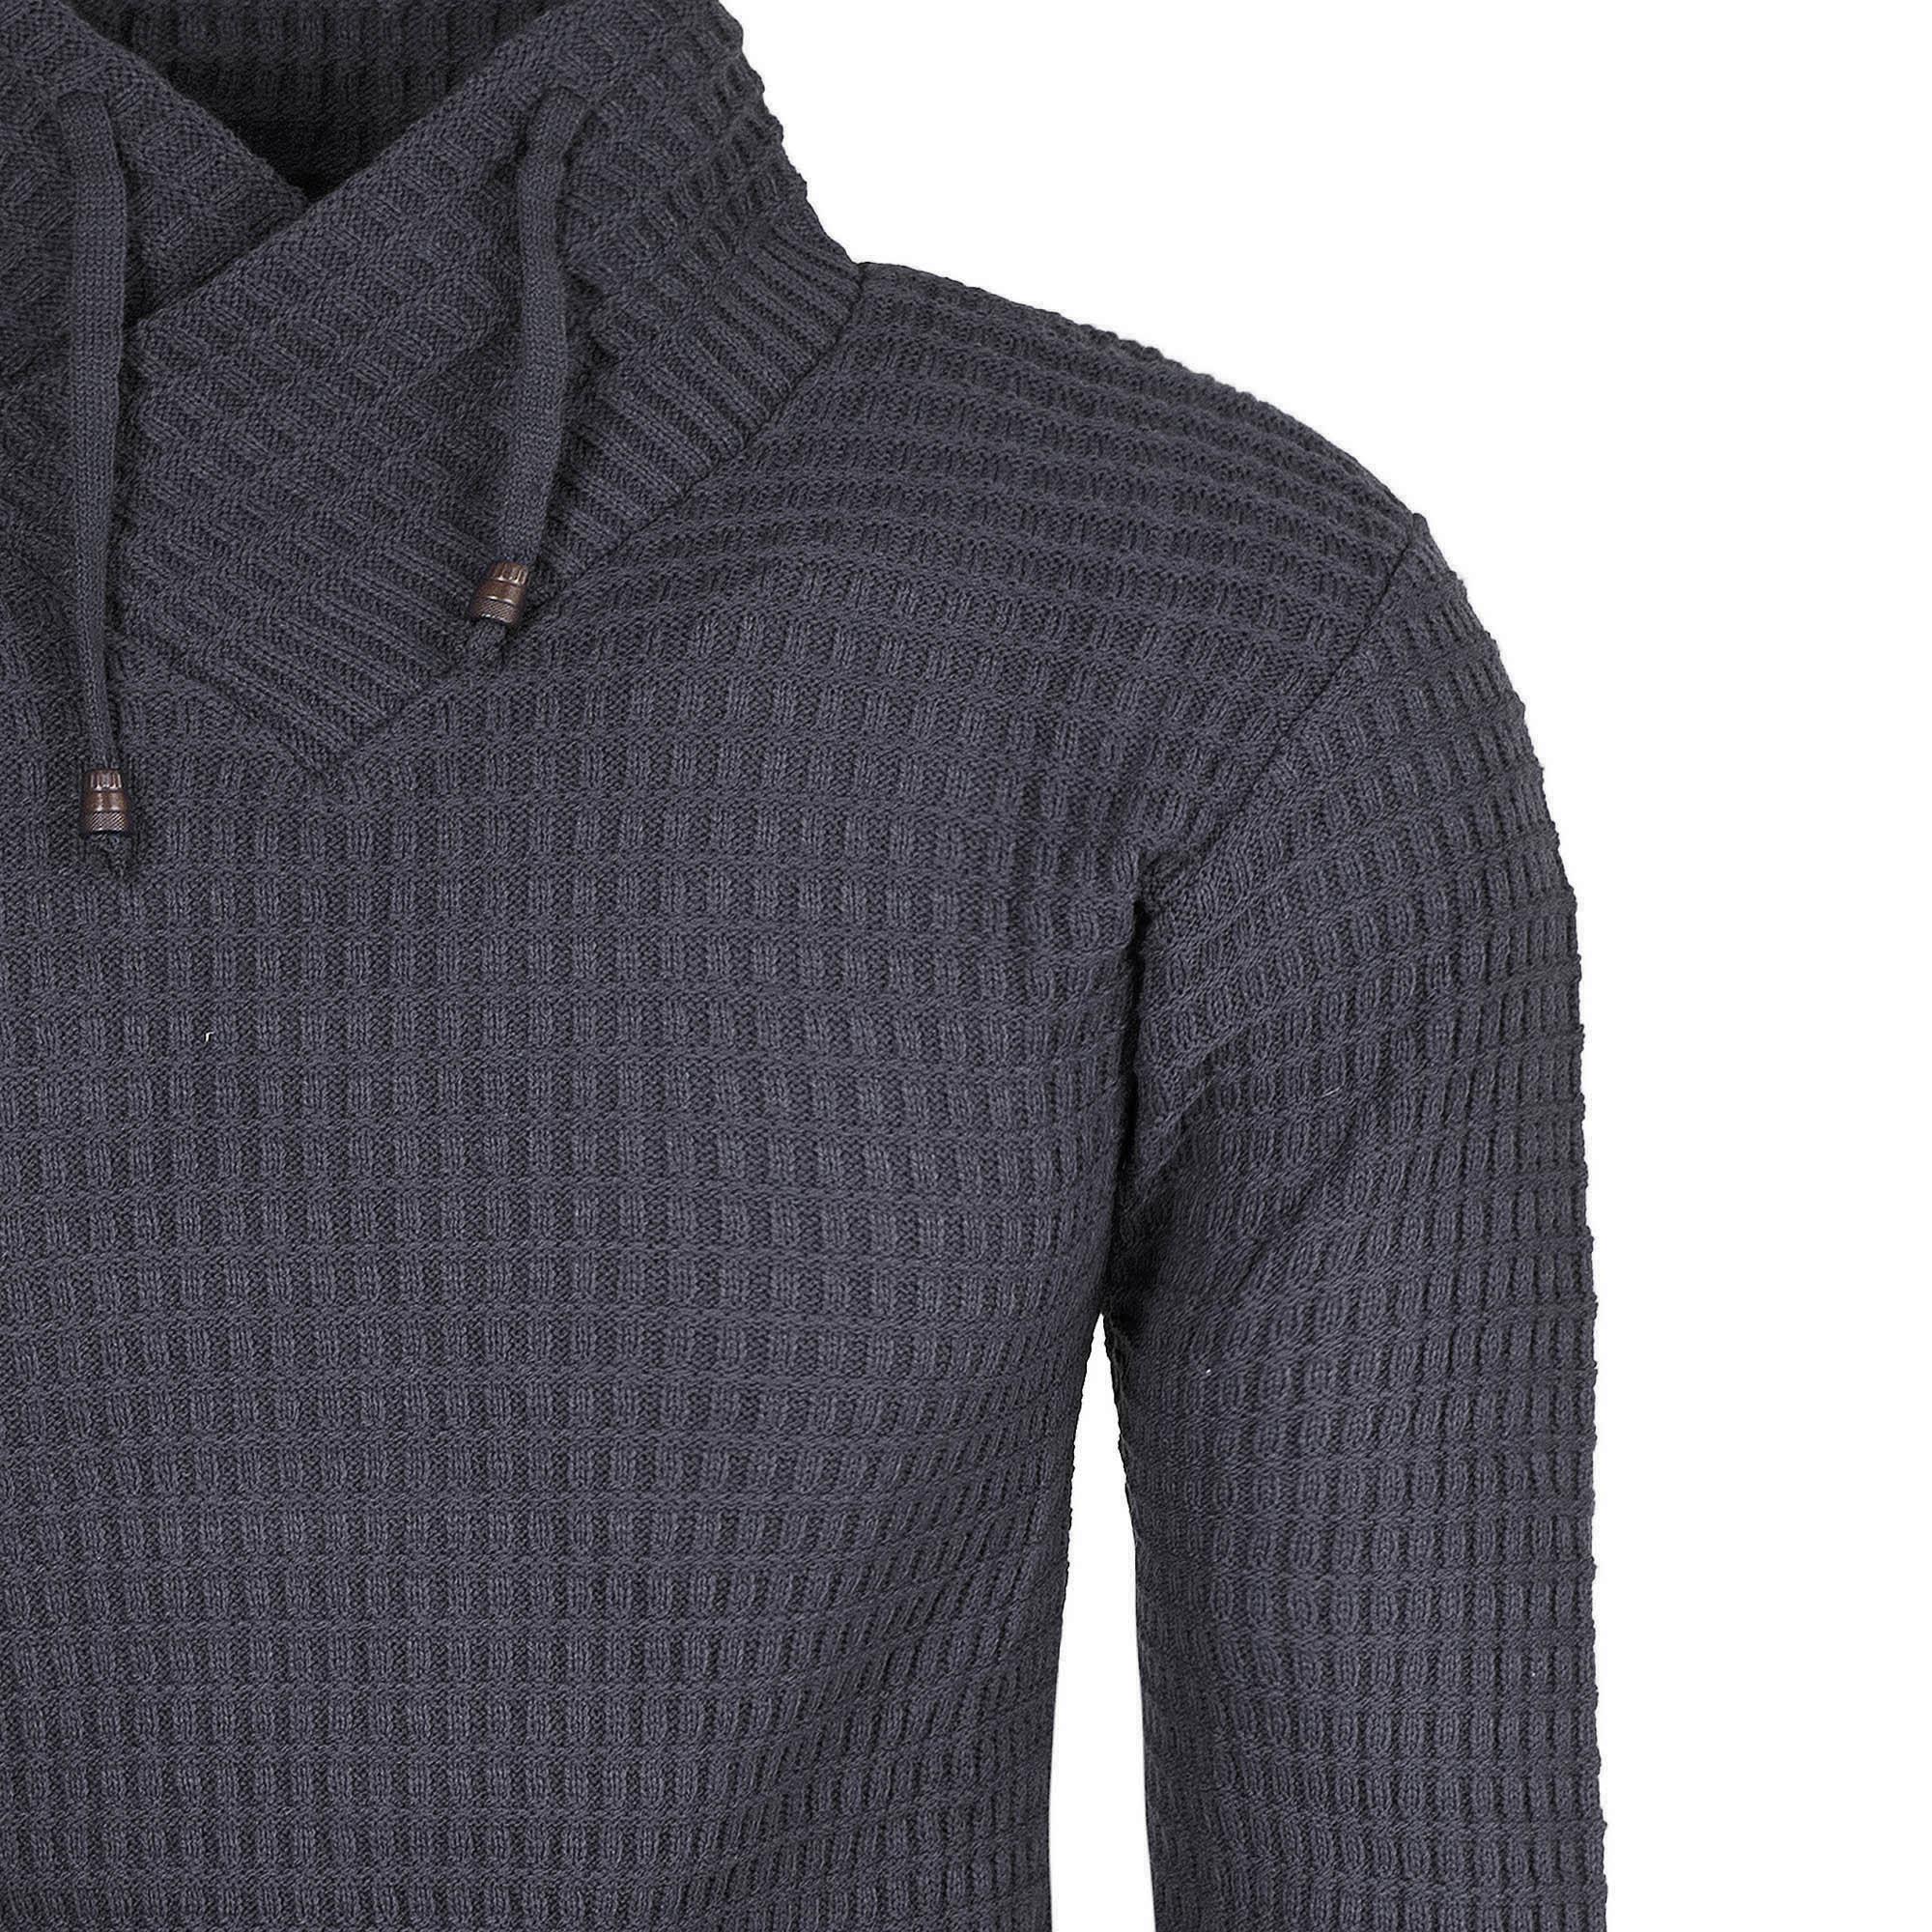 9980de1e18d2 Bluzy i swetry - Sweter męski z stójką czarny Recea - Recea.pl sklep ...